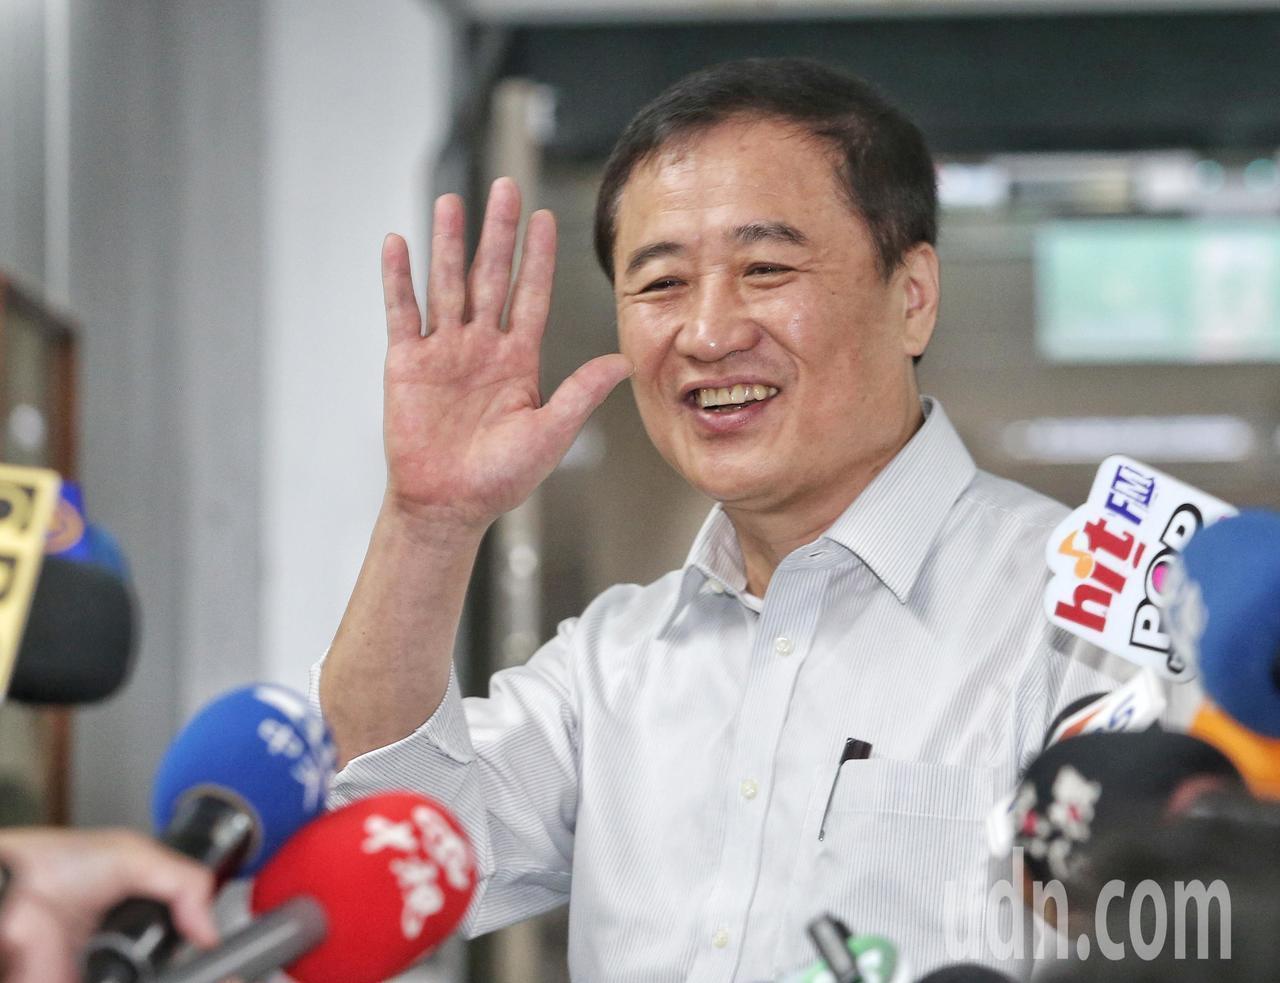 陳景峻今天舉行記者會宣布辭去北農董座一職。記者鄭清元/攝影